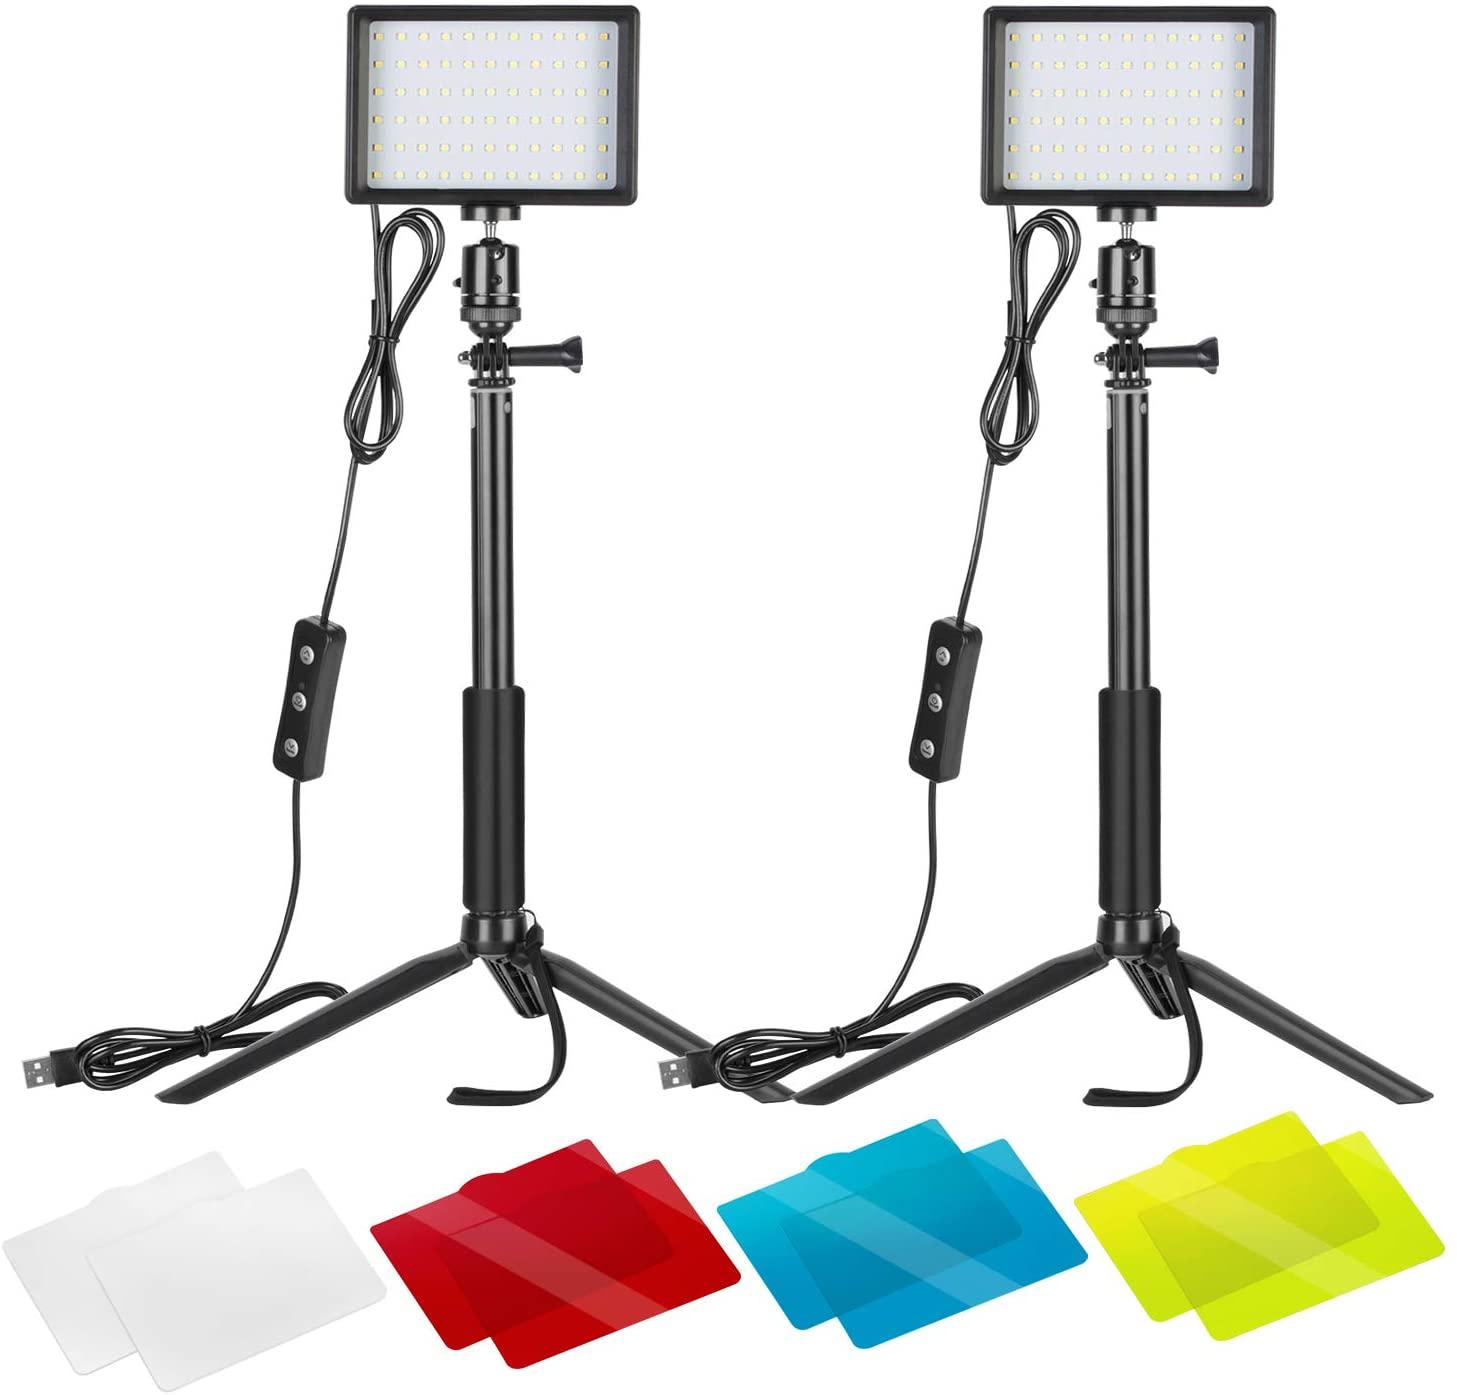 Neewer 2-Pack 5600K USB Video Lights - $22.50 AC + FSSS